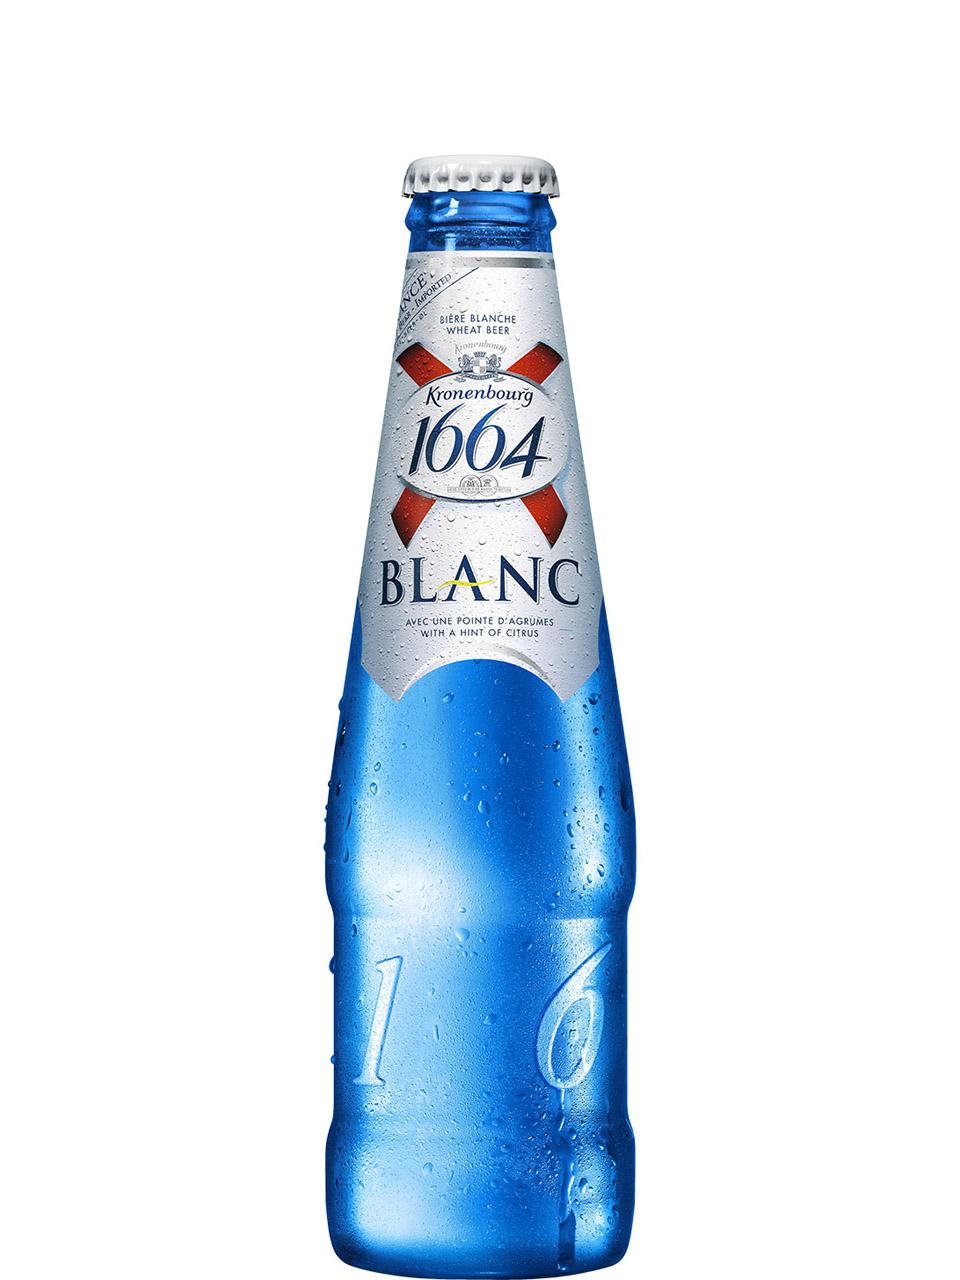 Kronenbourg 1664 Blanc 6 Pack Bottles